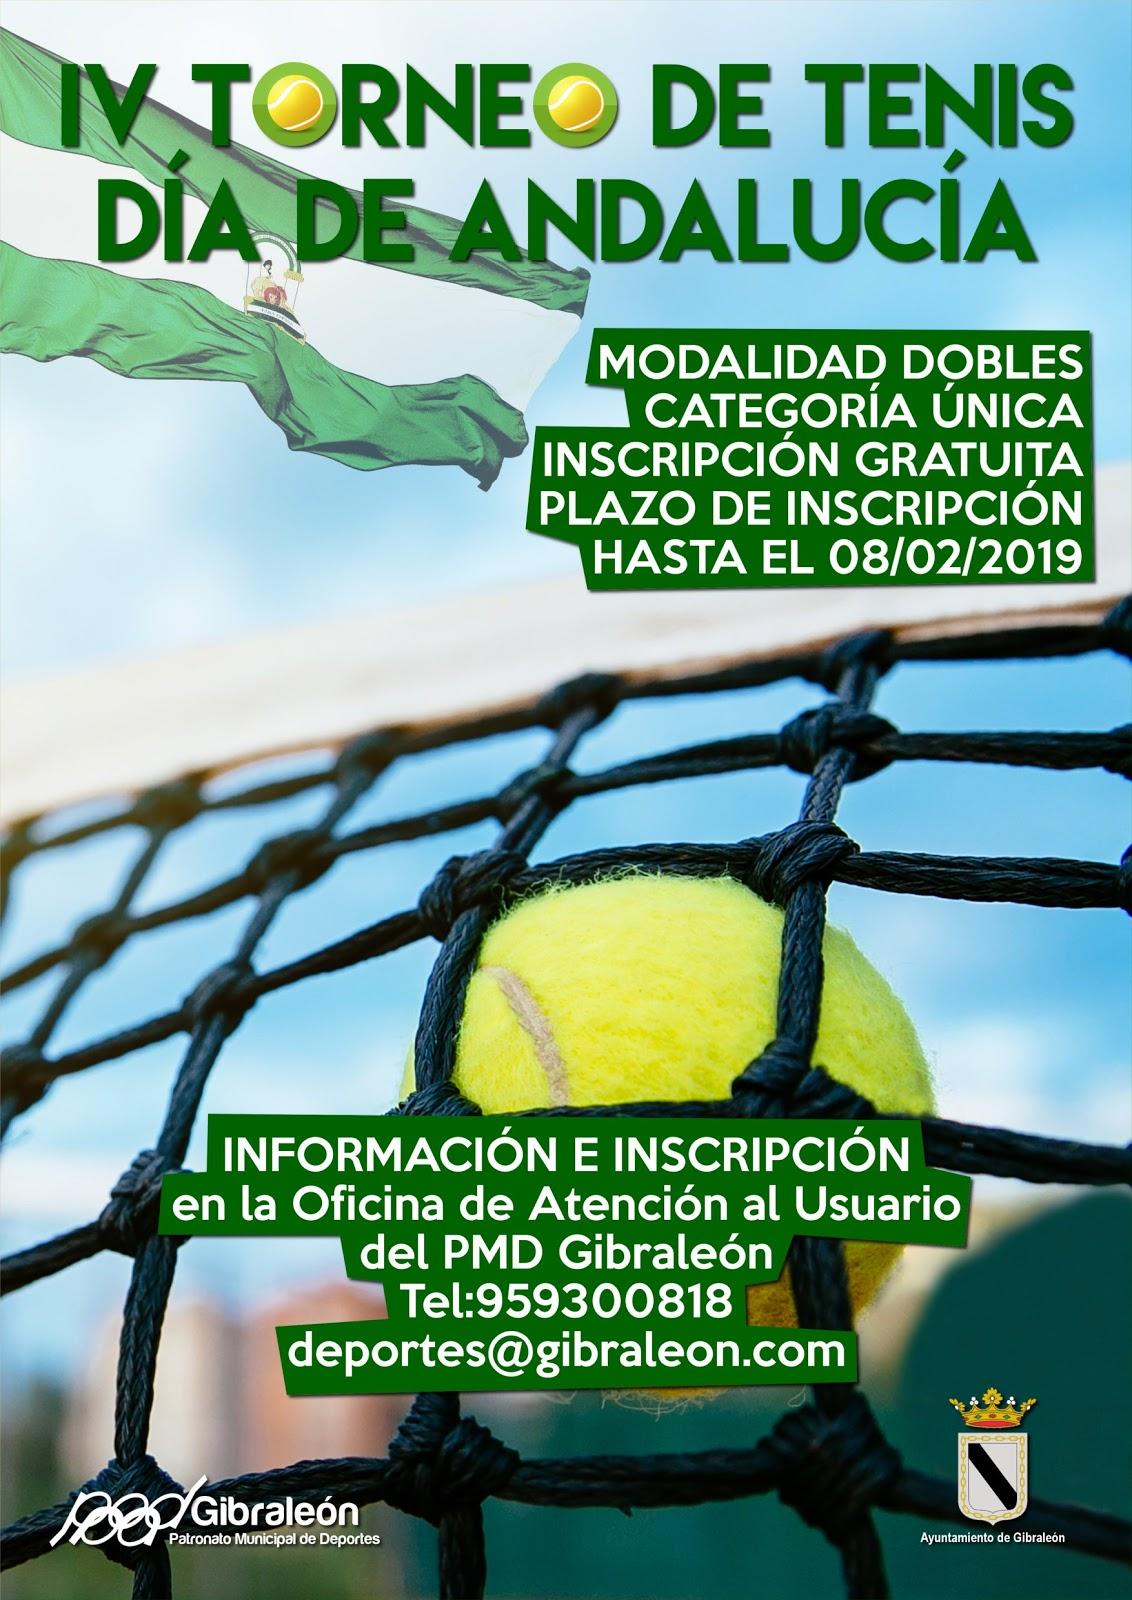 El Patronato Municipal de Deportes de Gibraleón abre plazo de inscripción  para el IV Torneo de Tenis Día de Andalucía en modalidad de dobles. Este  torneo se ... 190bc88feeedb